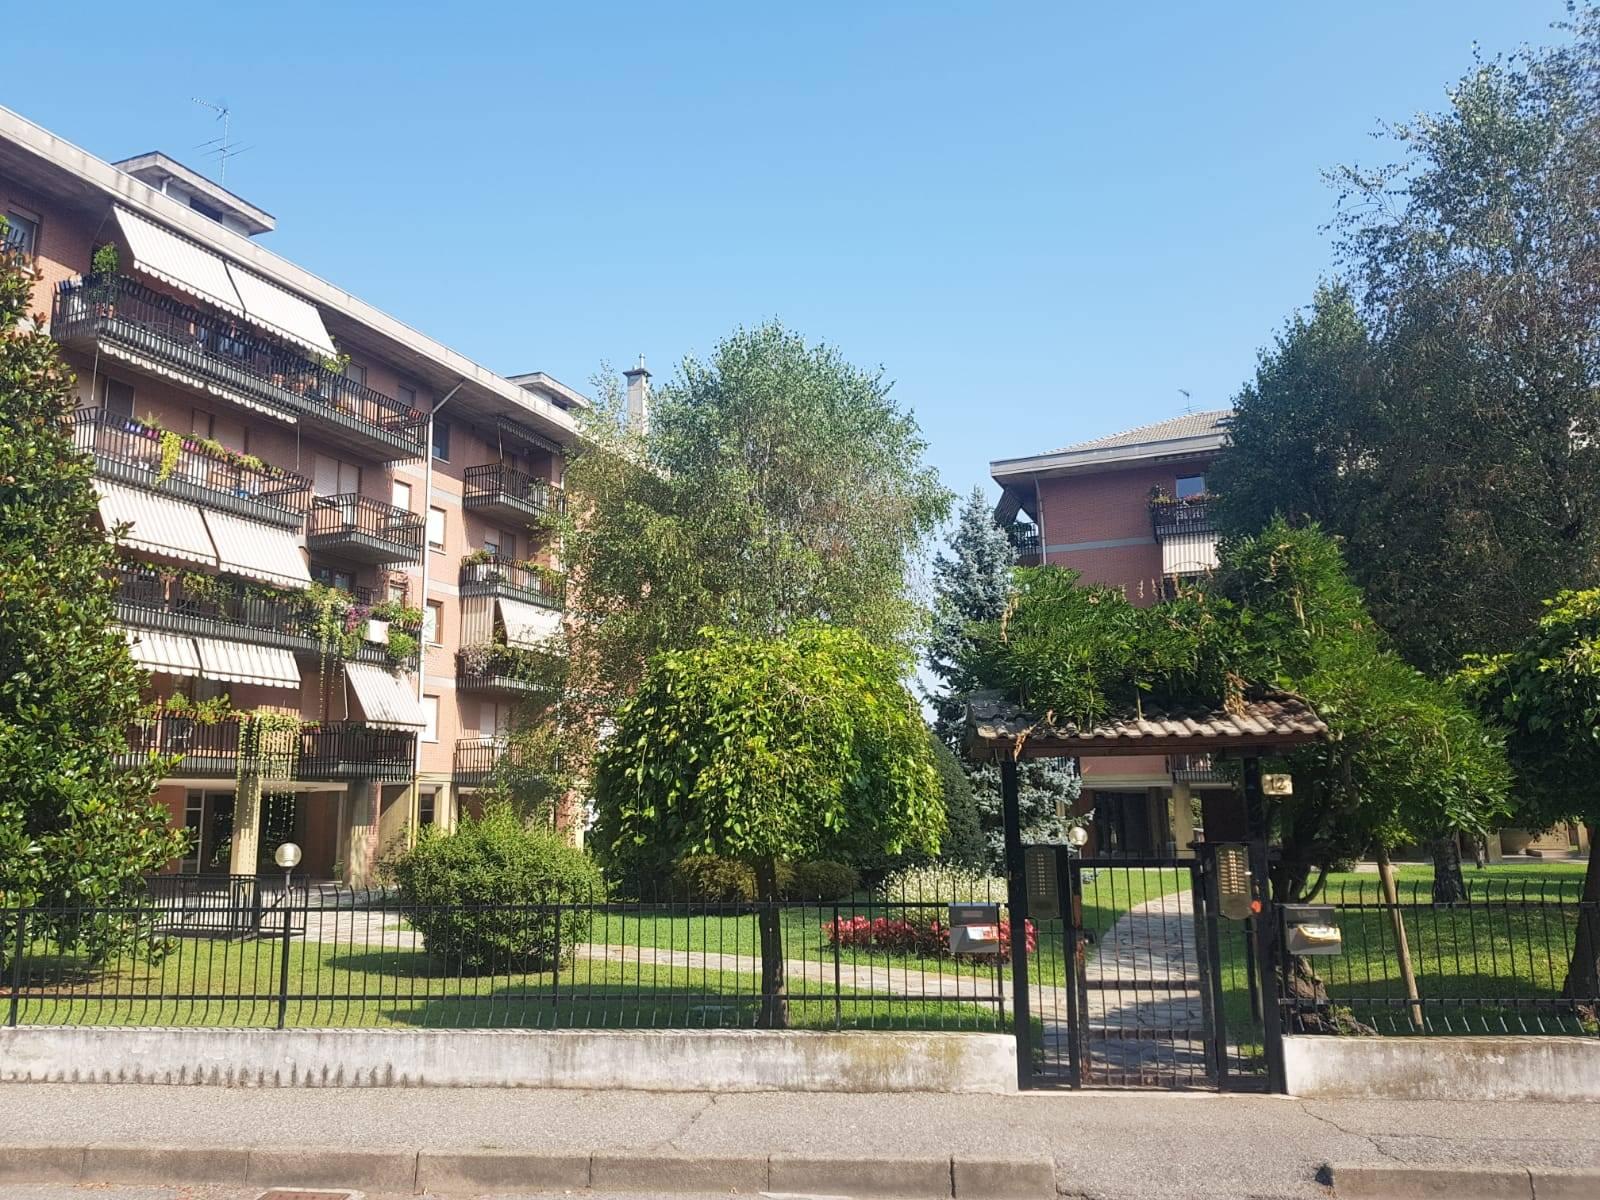 Appartamento in vendita a San Mauro Torinese, 4 locali, zona Località: OltrePo, prezzo € 225.000 | CambioCasa.it